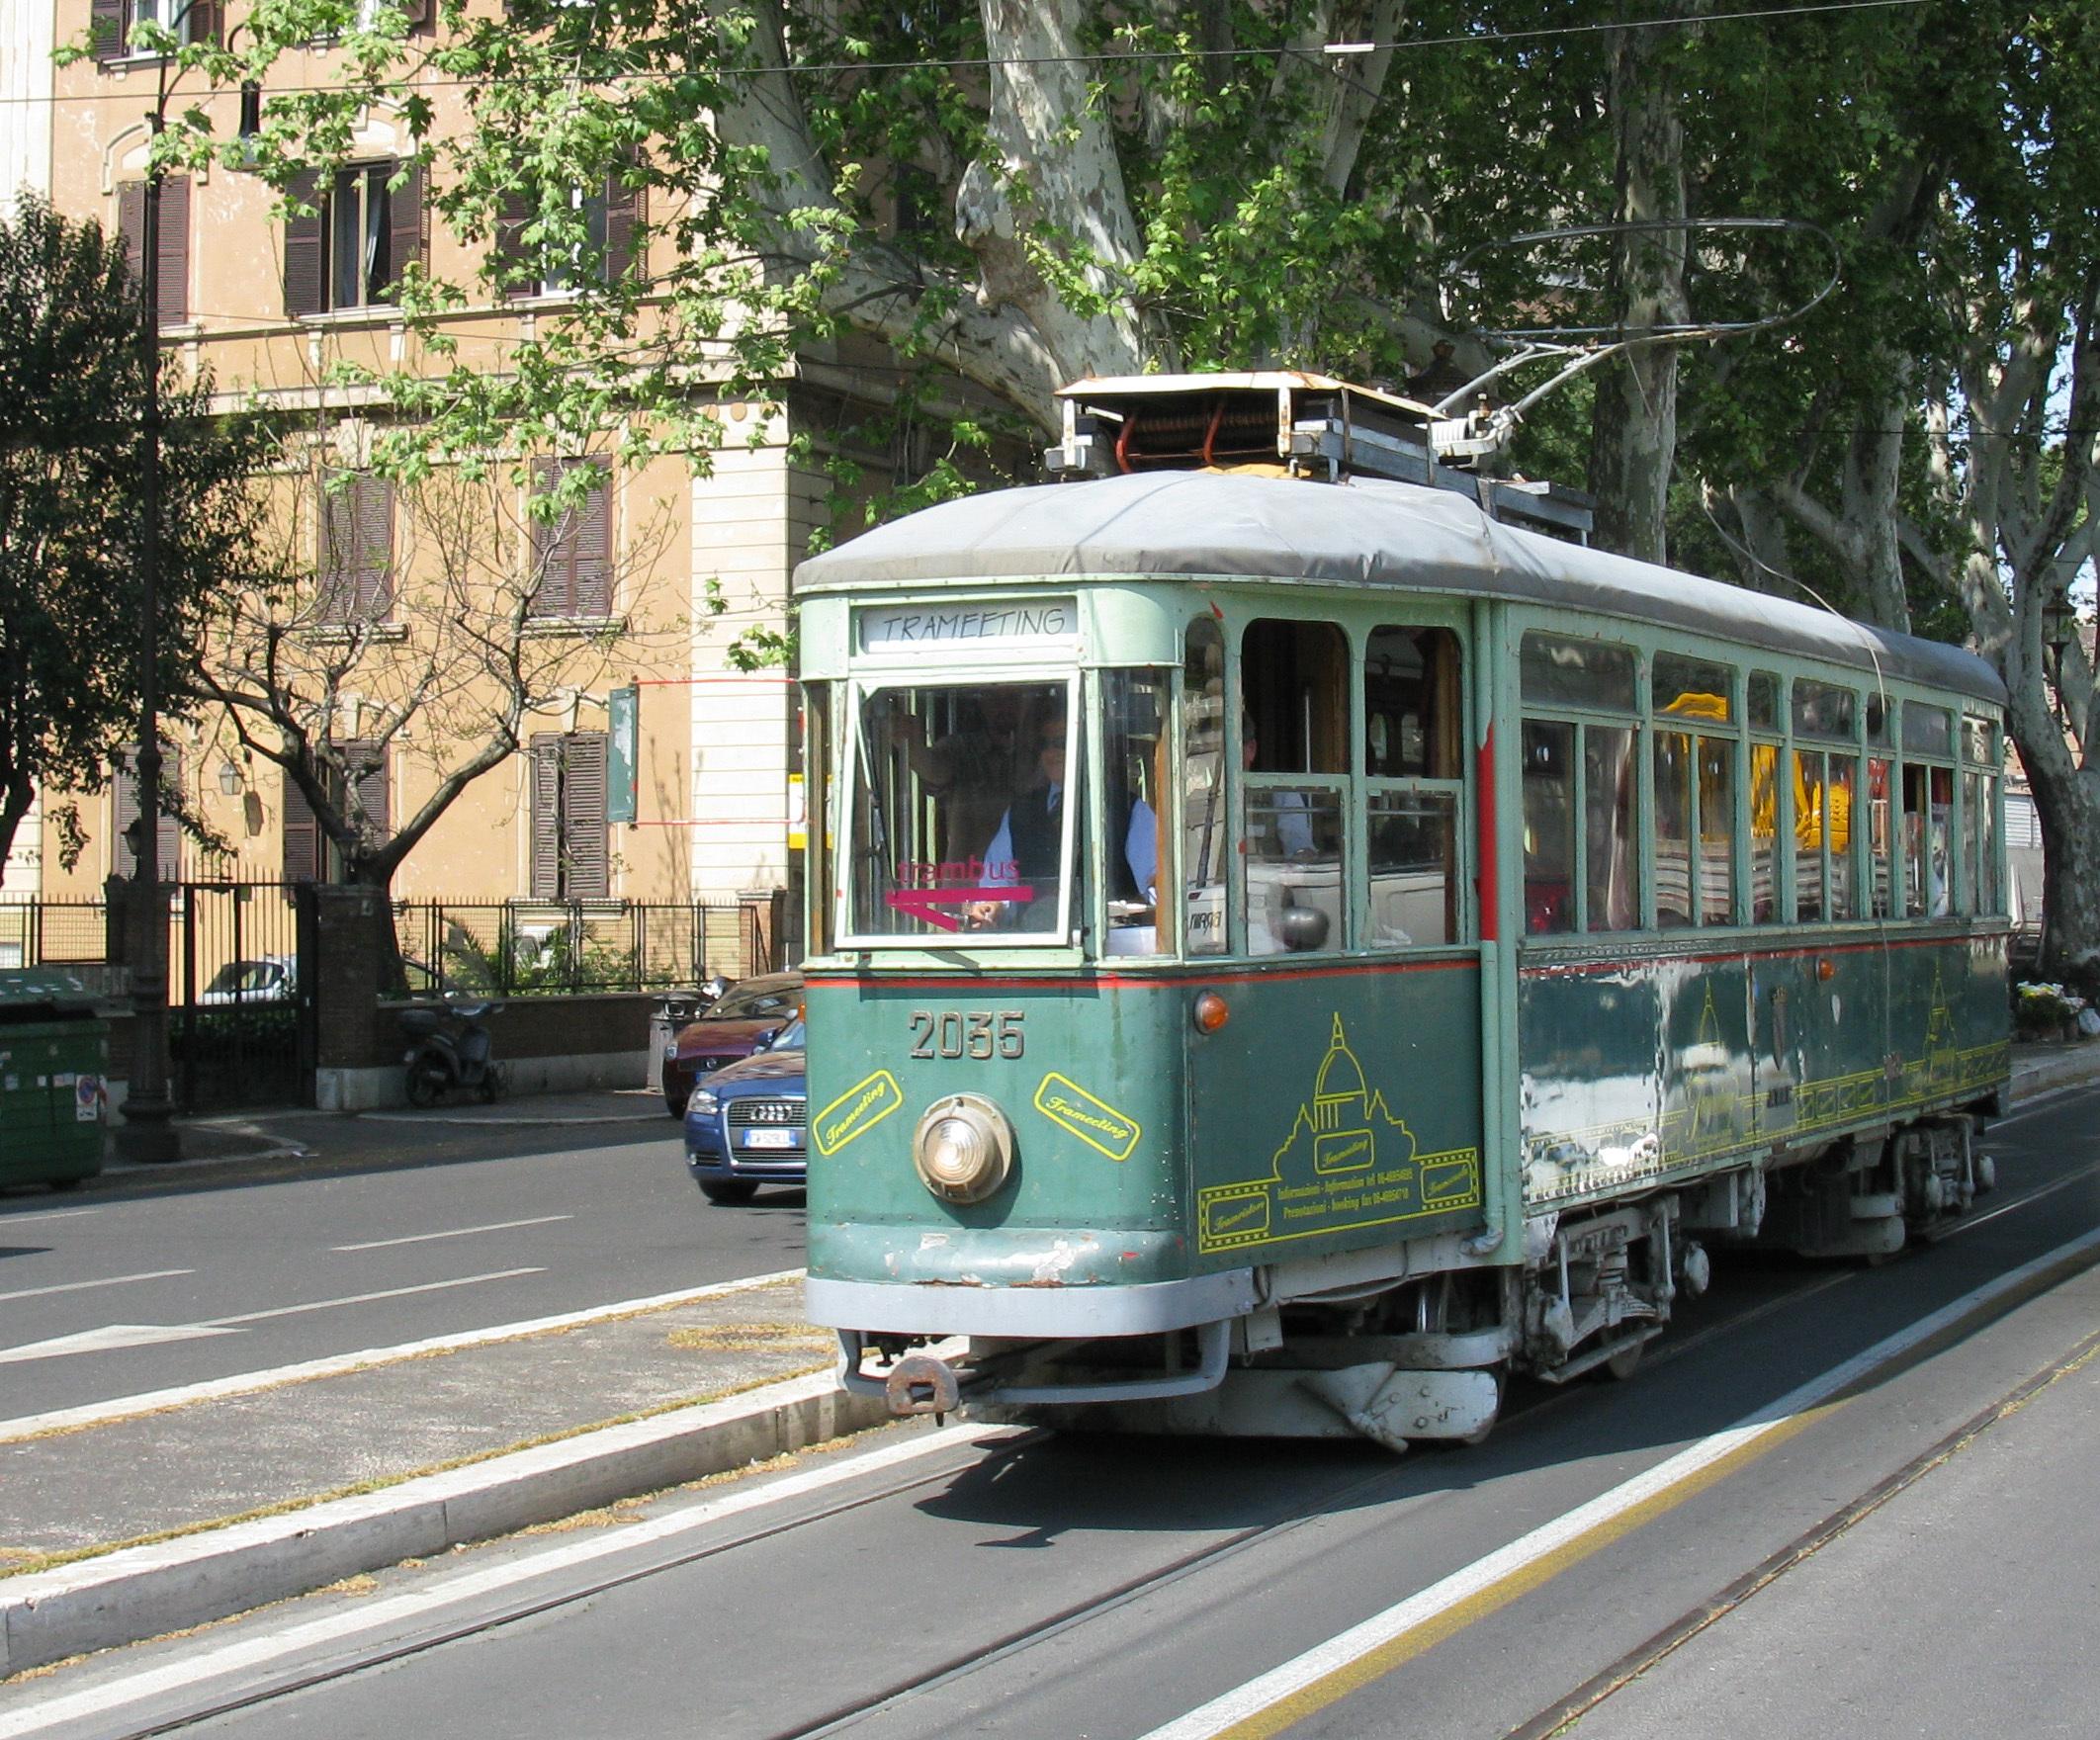 I SOGNI DI MARINO/ Per i Fori imperiali pensa a un tram hi-tech e trasparente